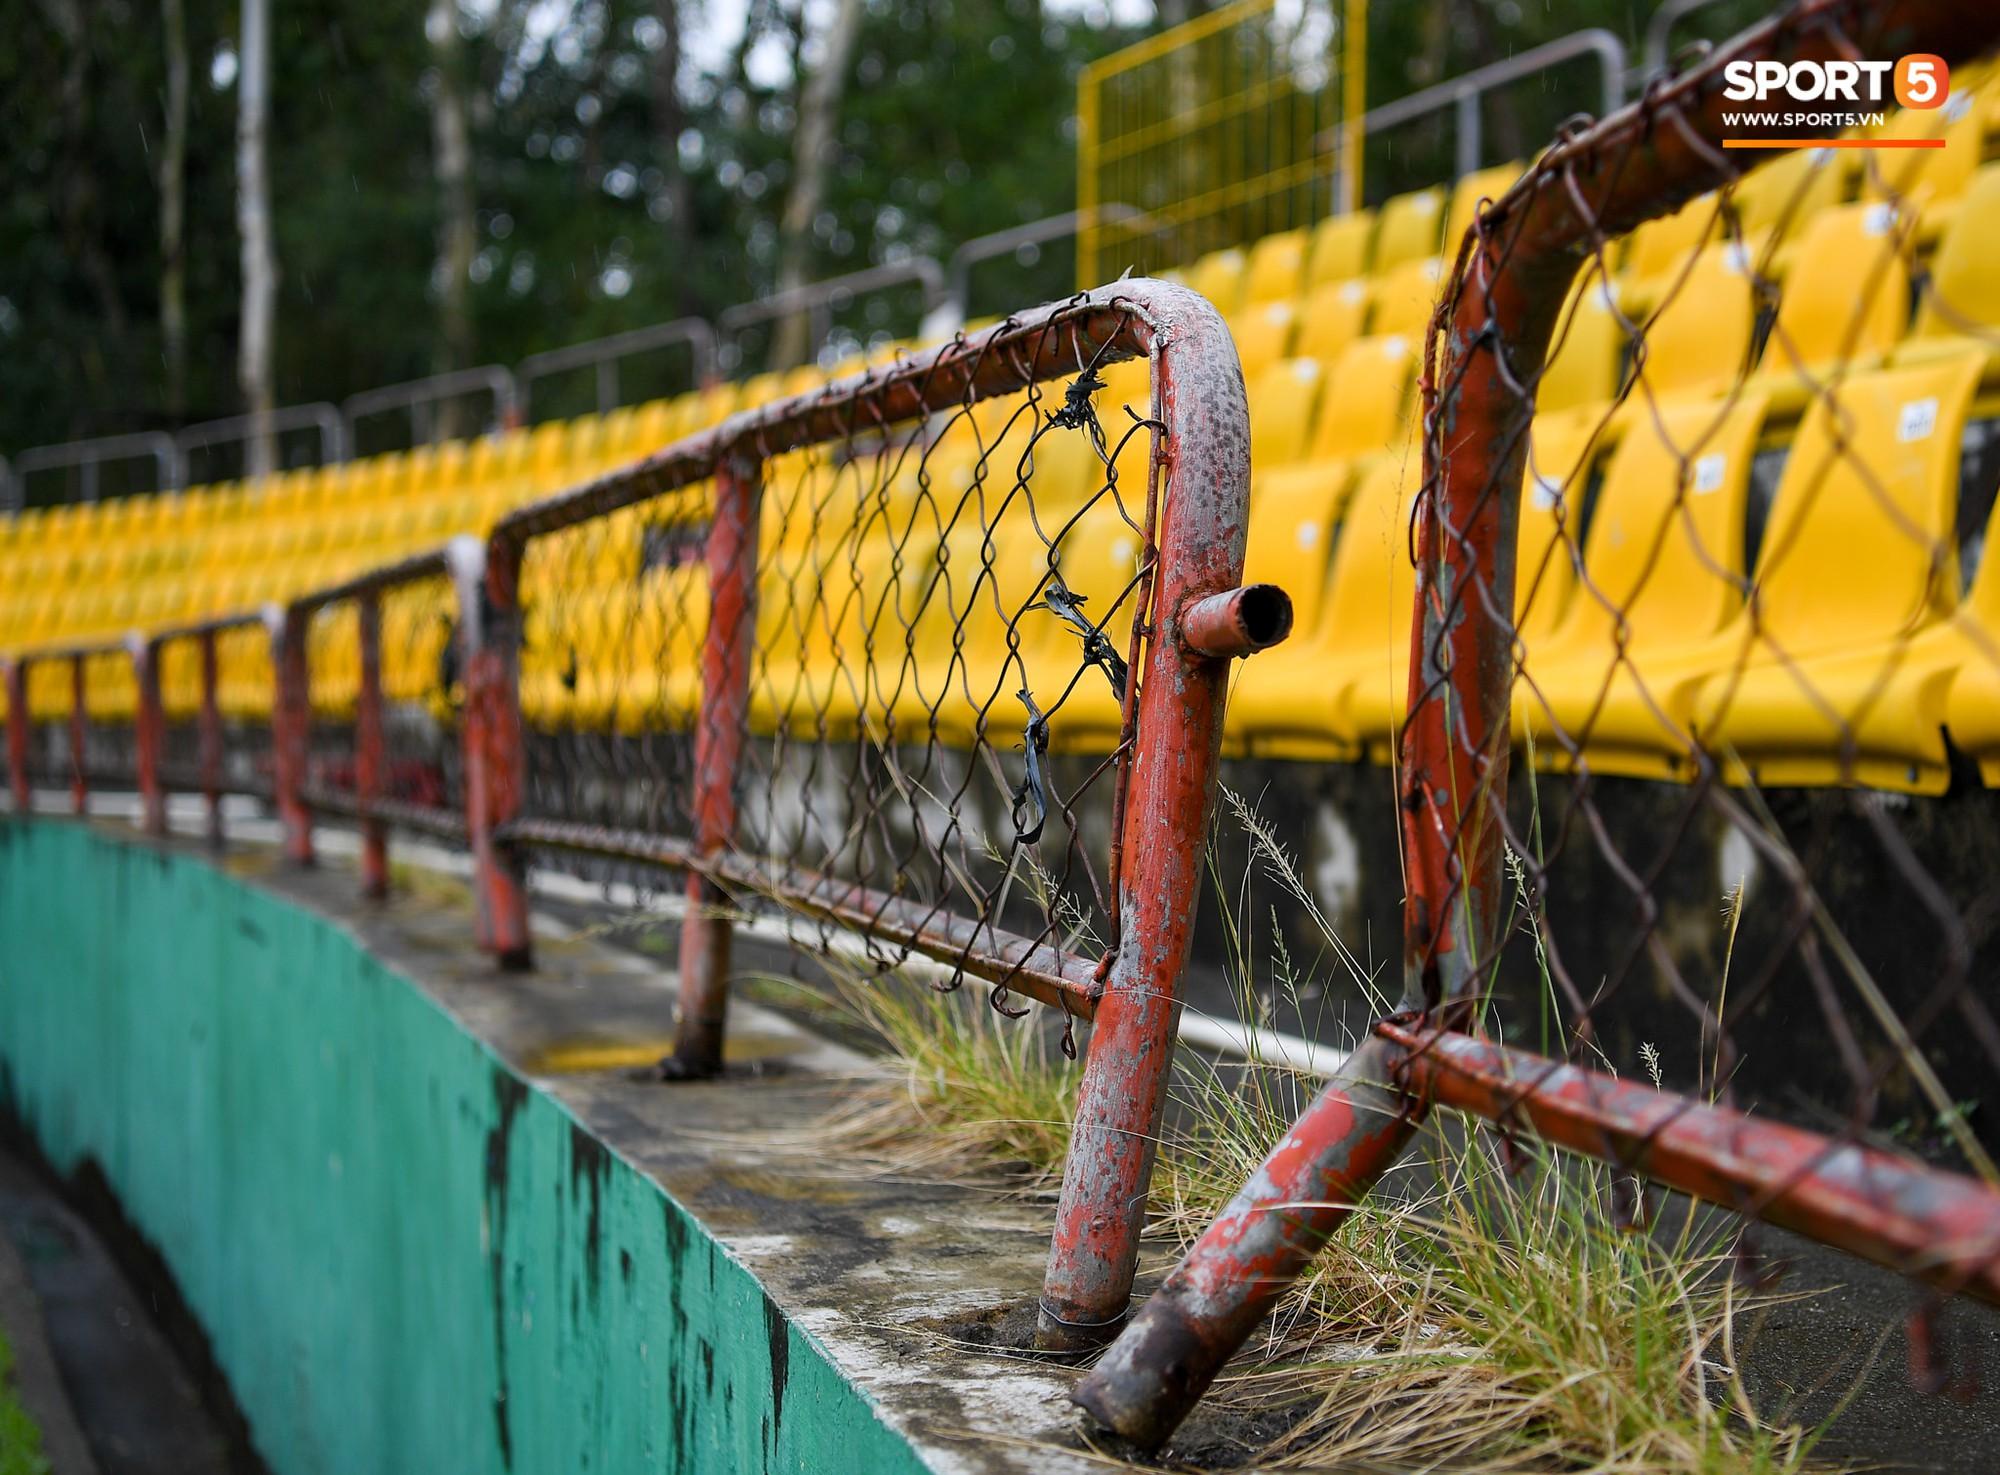 Sân thi đấu trận Philippines - Việt Nam: Tệ nhất AFF Cup 2018, khiến nhiều người rùng mình vì vẻ hoang tàn, u ám - Ảnh 11.